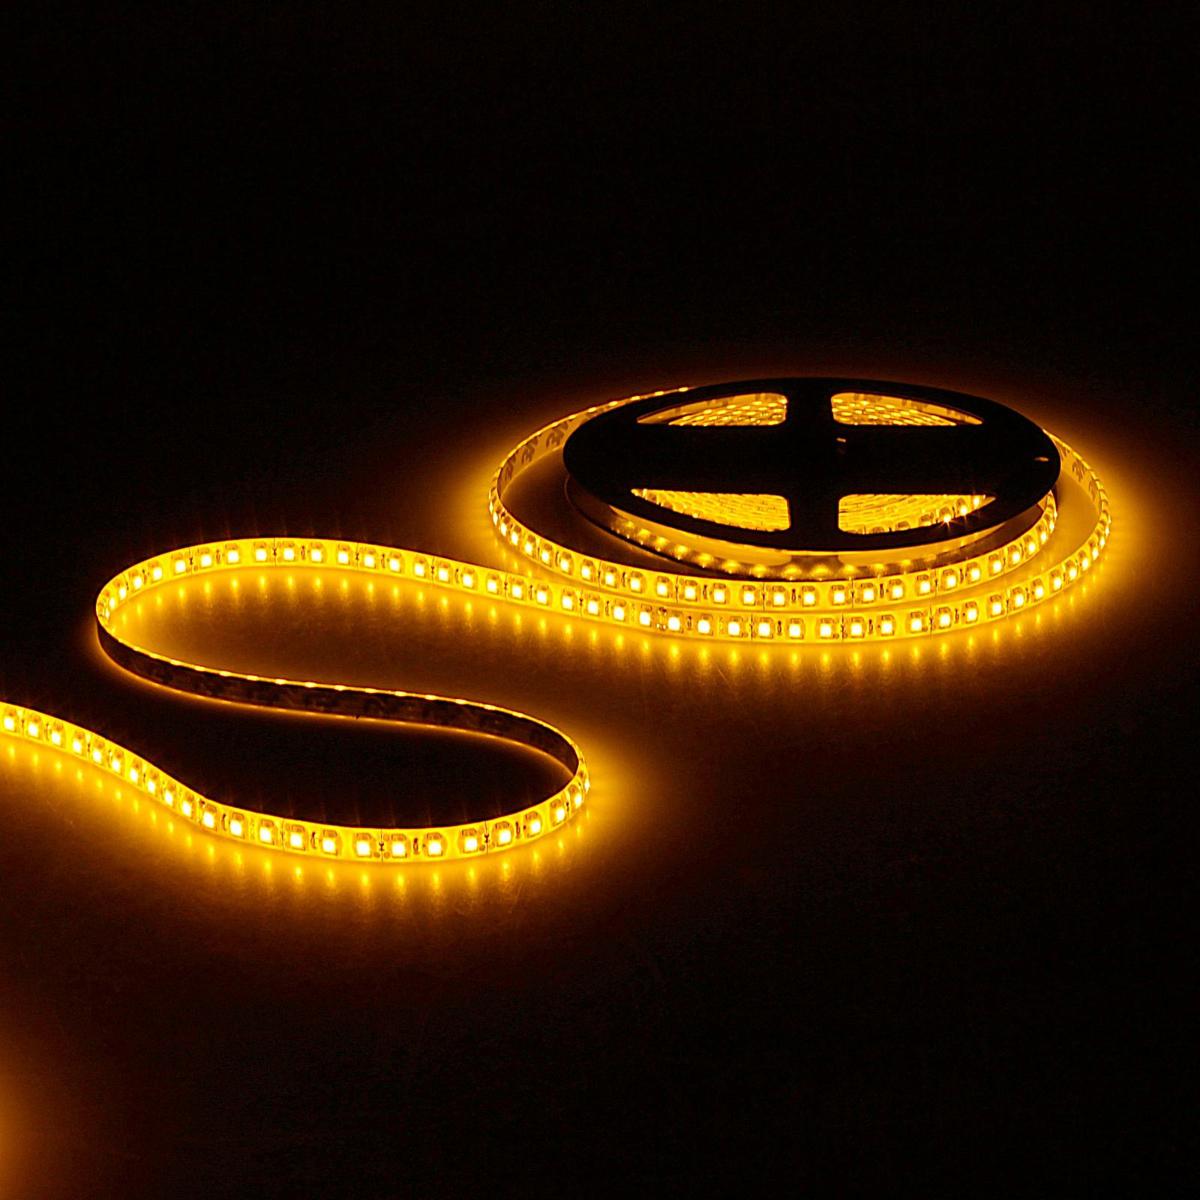 Светодиодная лента Sima-land, 12В, SMD3528, длина 5 м, IP65, 120 LED ламп, 9.6 Вт/м, 6-7 Лм/1 LED, DC, цвет: желтый. 848548848548Светодиодные гирлянды, ленты и т.д — это отличный вариант для новогоднего оформления интерьера или фасада. С их помощью помещение любого размера можно превратить в праздничный зал, а внешние элементы зданий, украшенные ими, мгновенно станут напоминать очертания сказочного дворца. Такие украшения создают ауру предвкушения чуда. Деревья, фасады, витрины, окна и арки будто специально созданы, чтобы вы украсили их светящимися нитями.